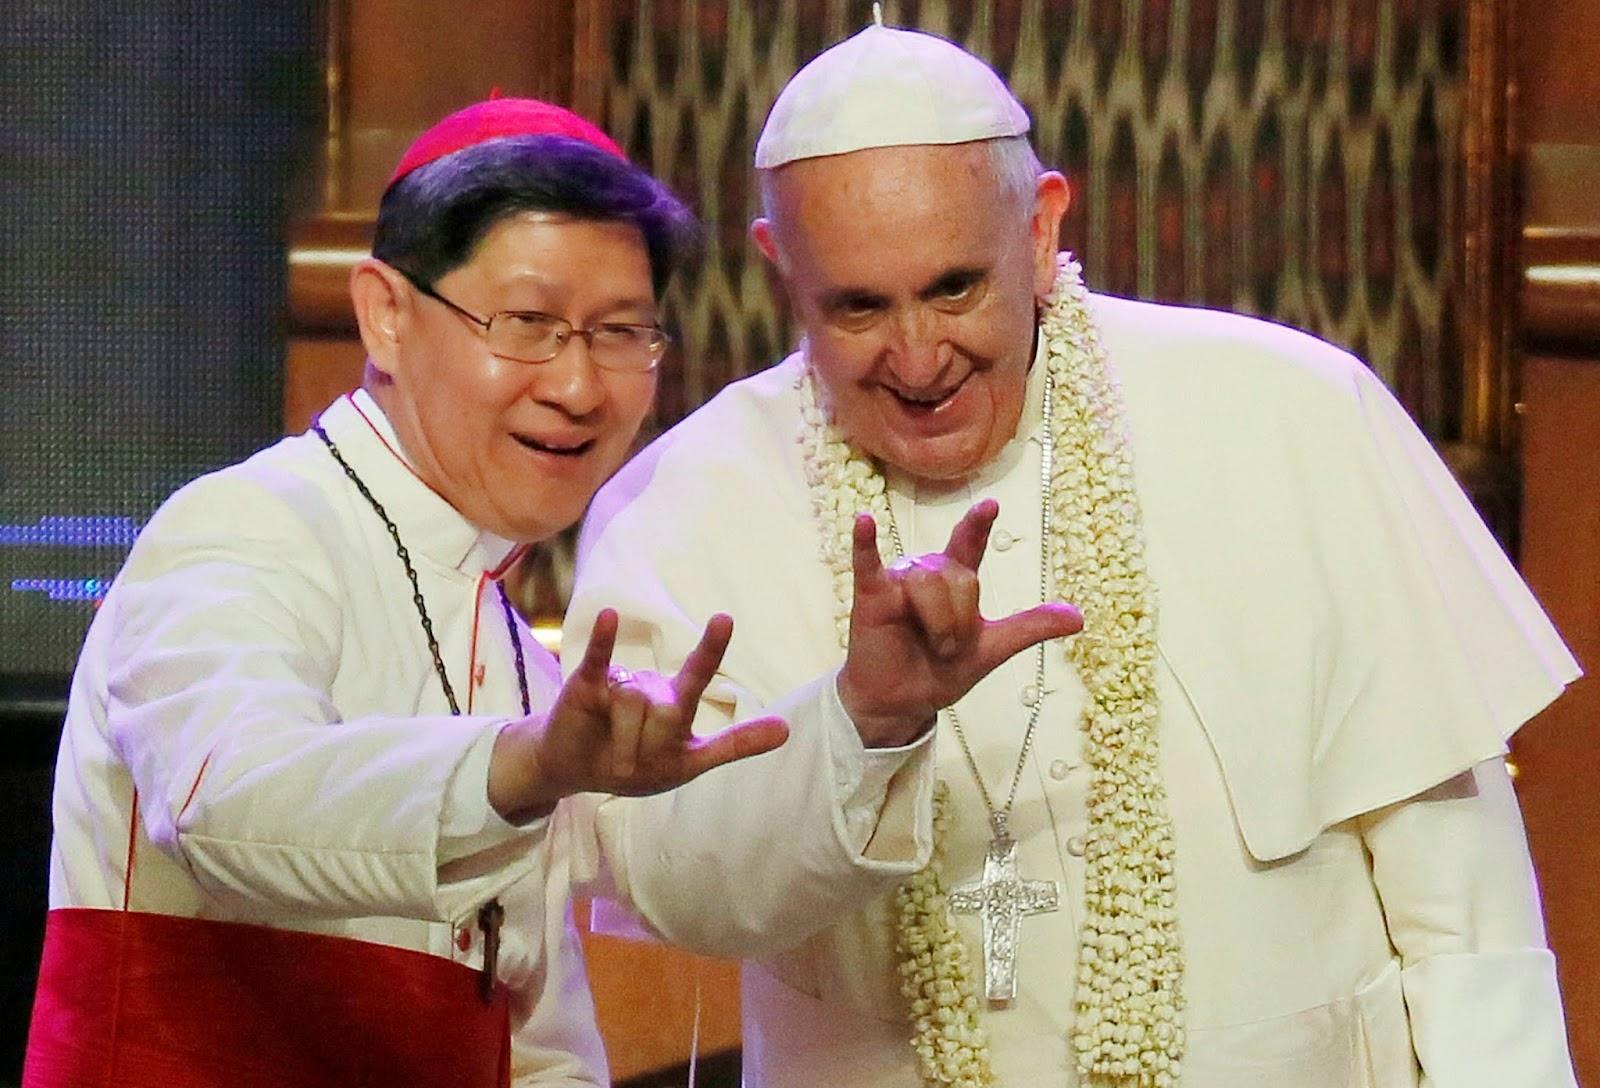 Francisco, reinado o pontificado. - Página 10 Tagle%2BFrancesco%2B2